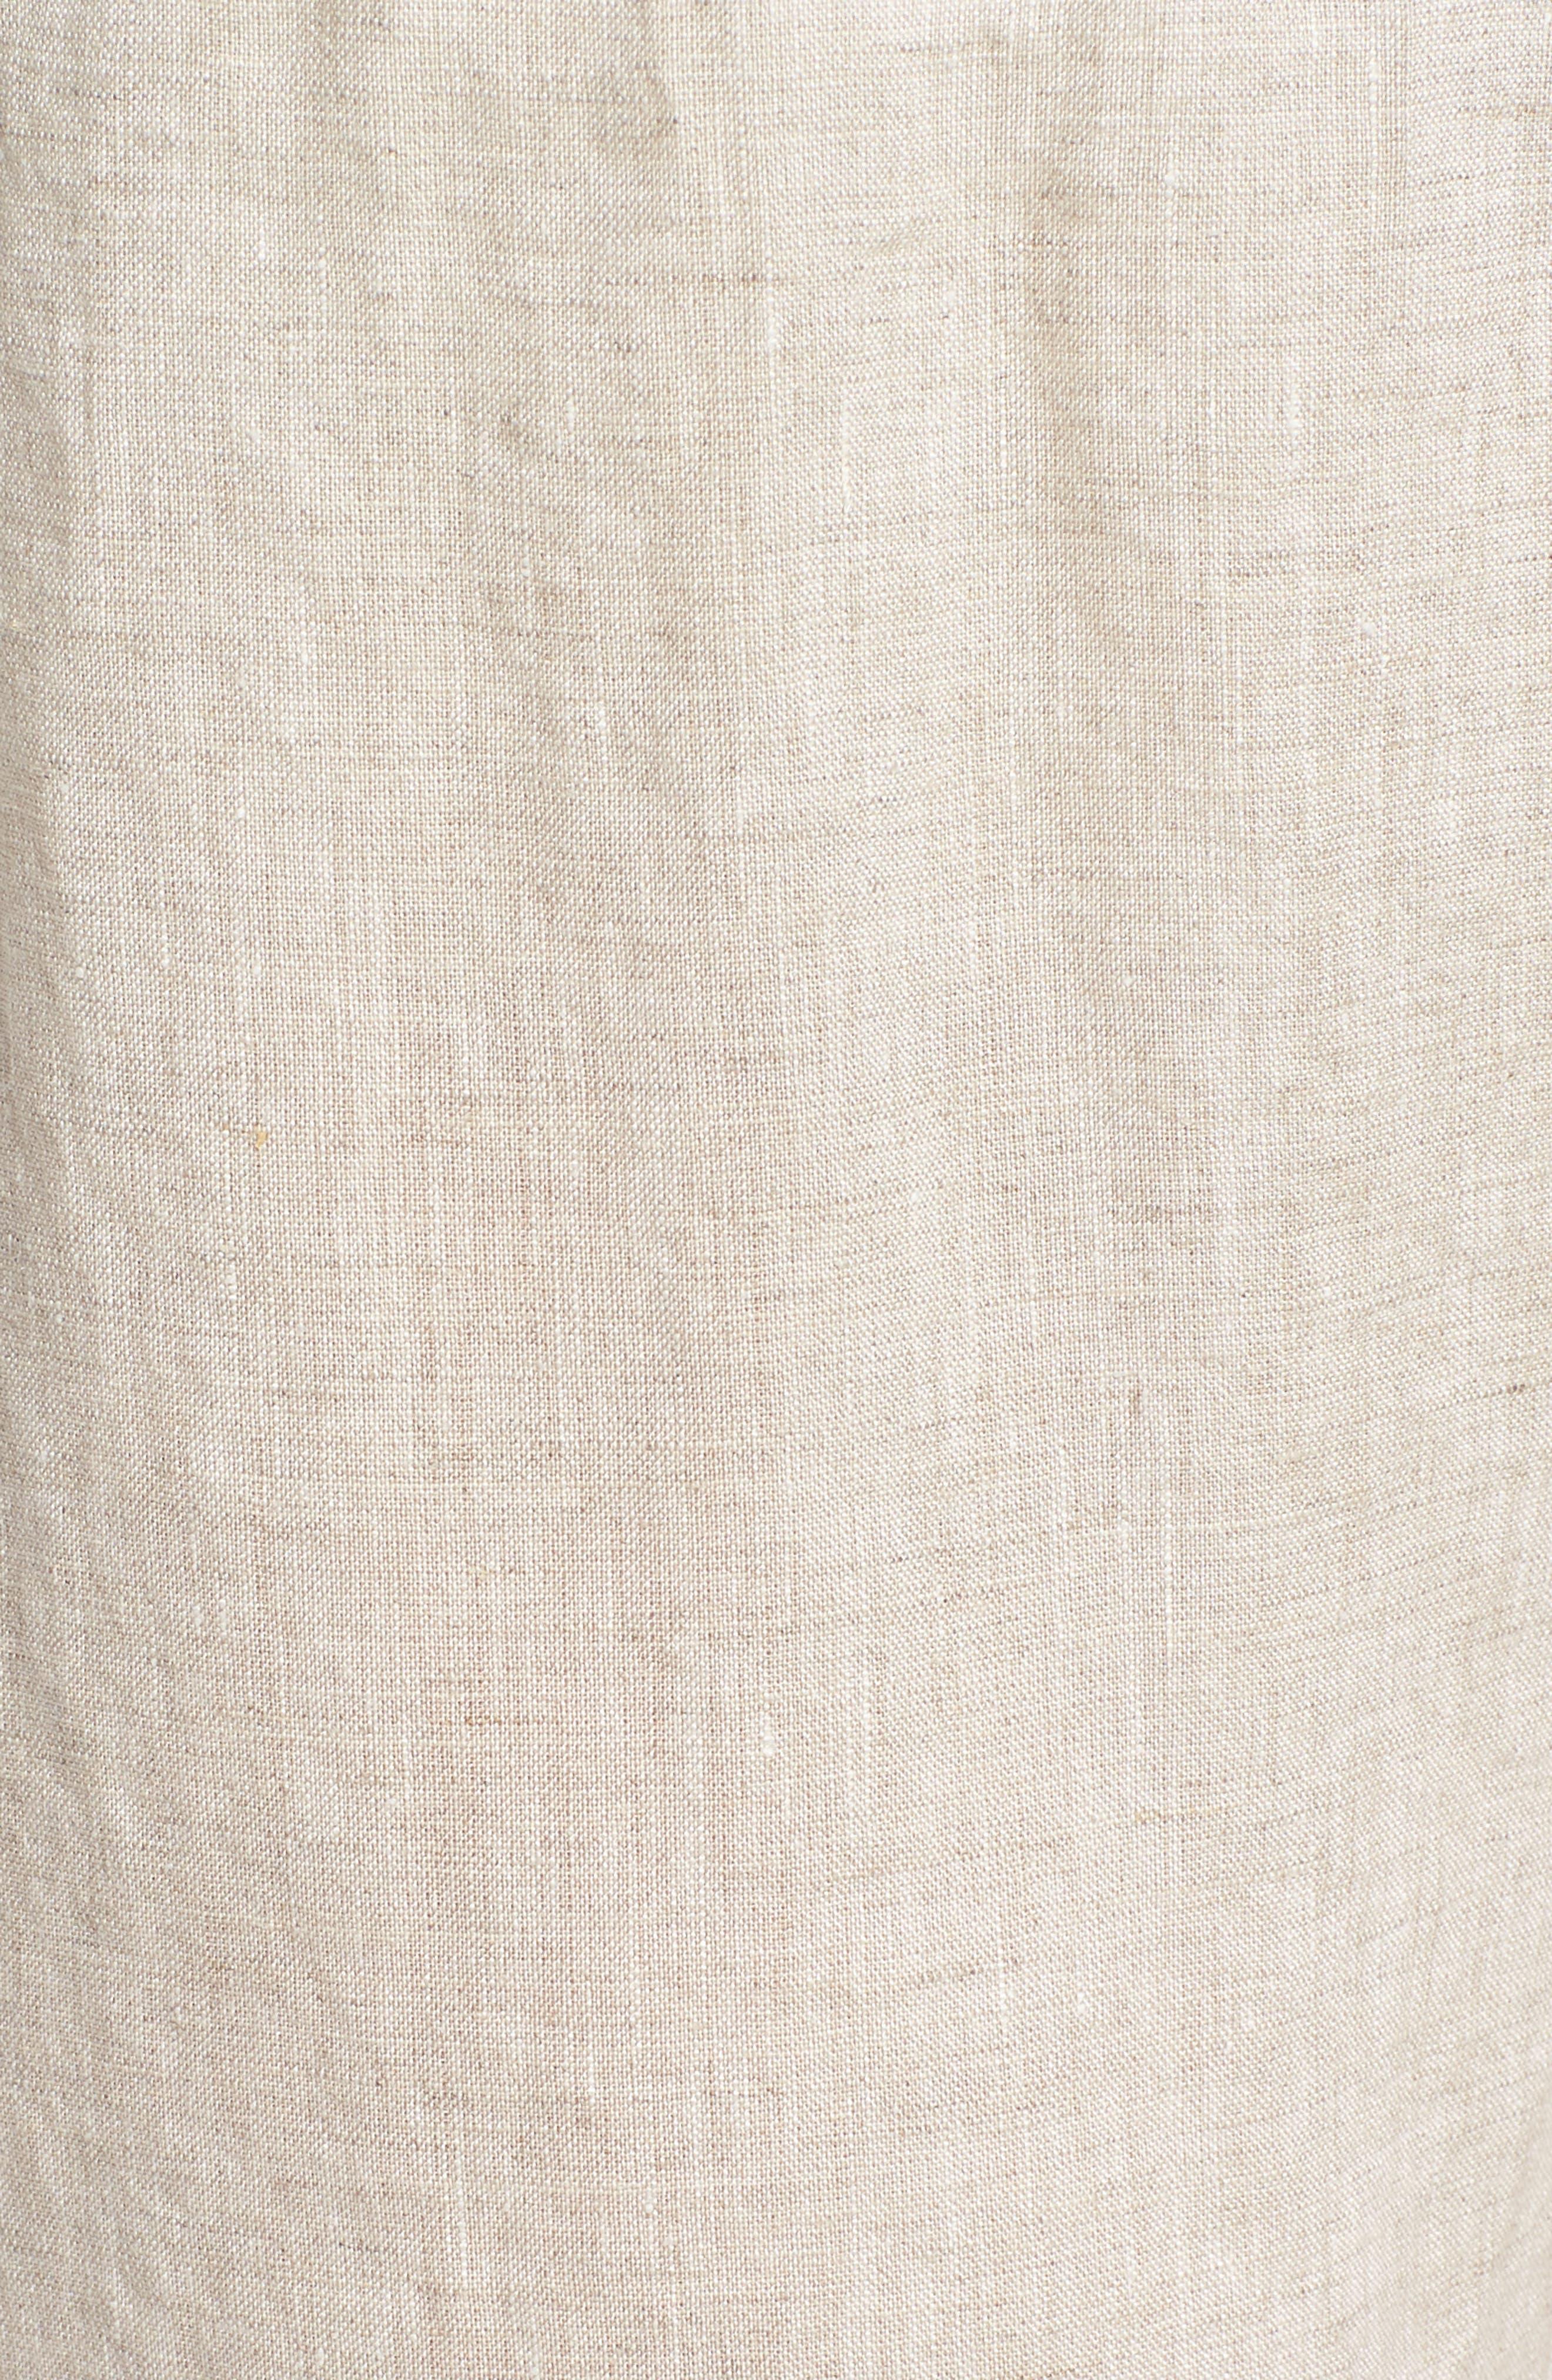 Crop Straight Leg Linen Pants,                             Alternate thumbnail 10, color,